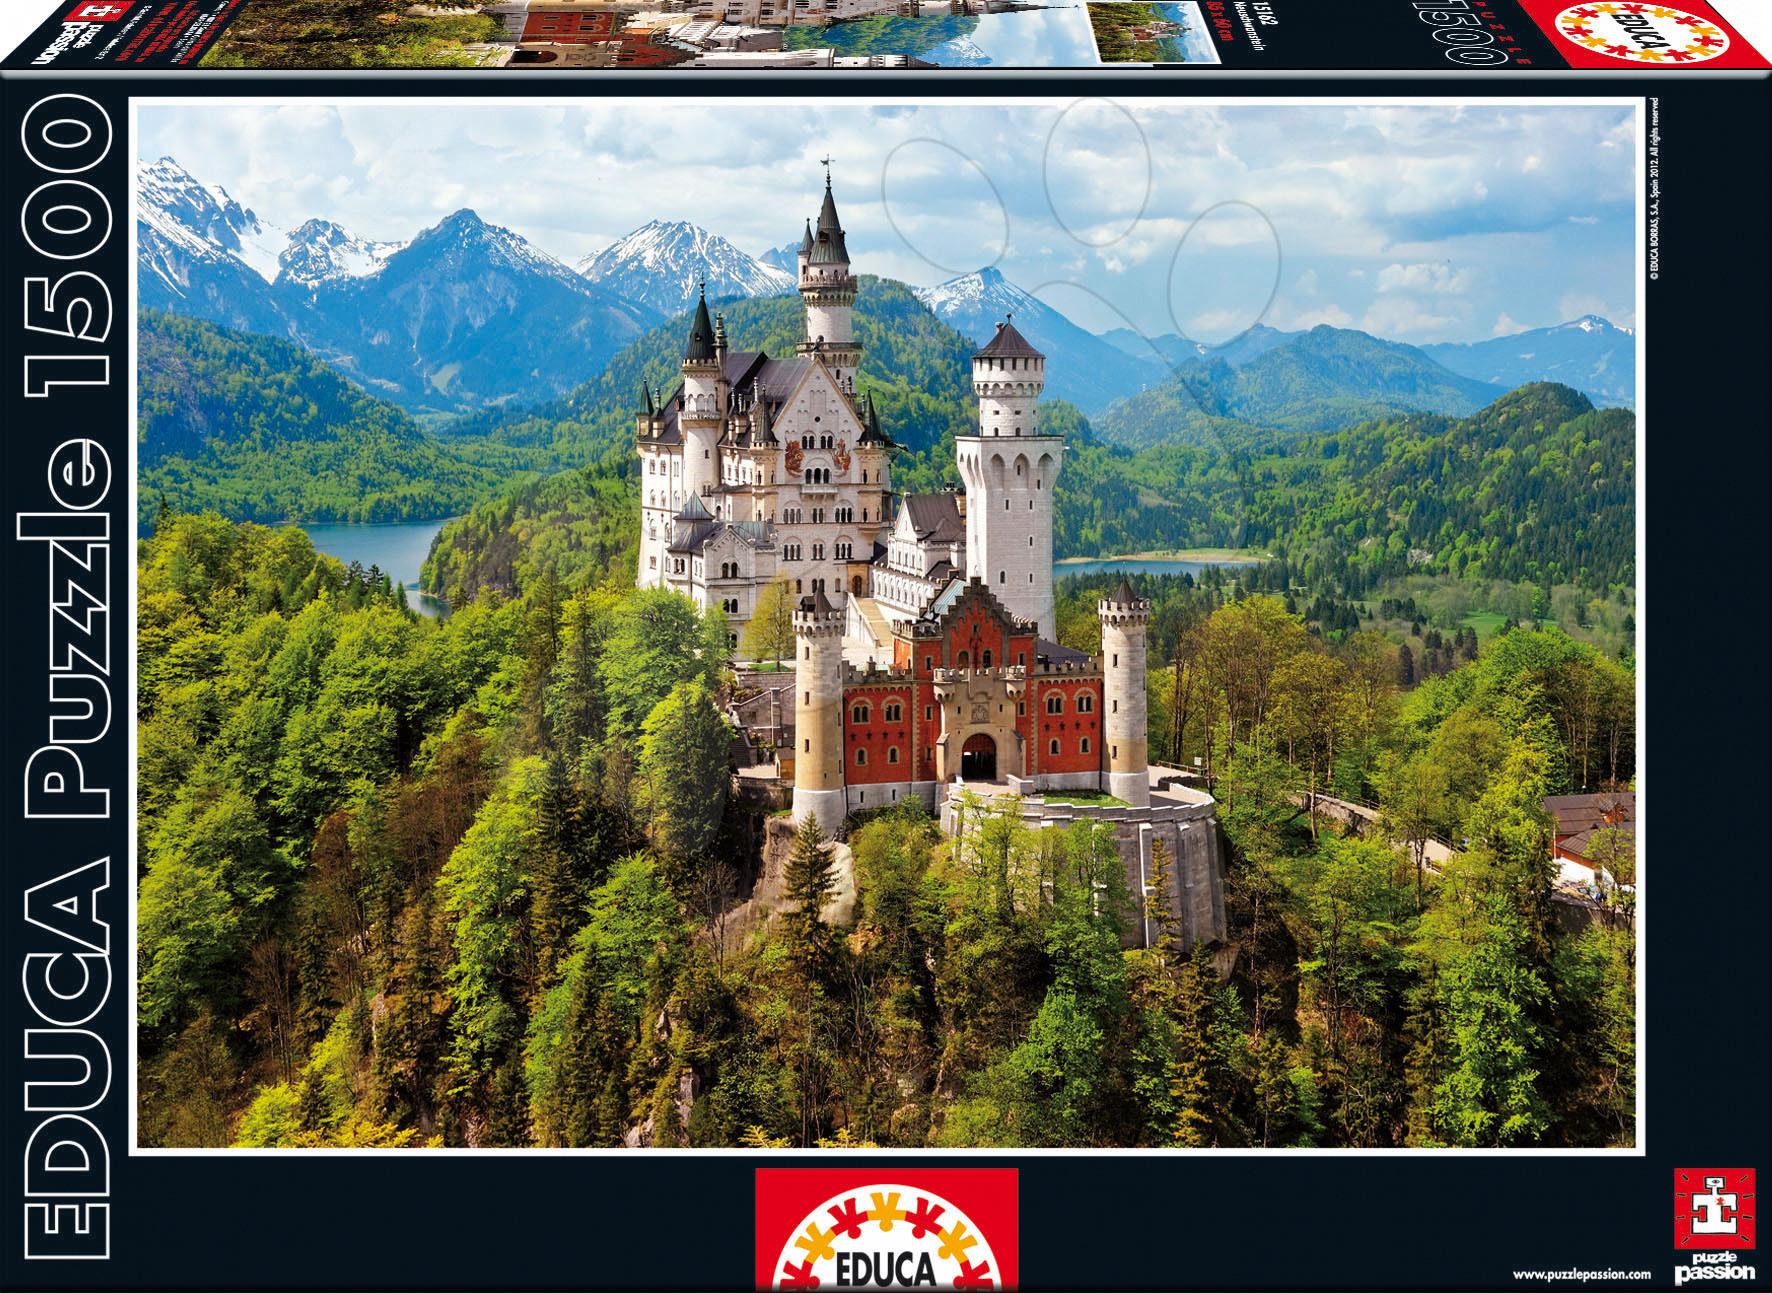 Puzzle 1500 dielne - Puzzle Neuschwanstein Educa 1500 dielov